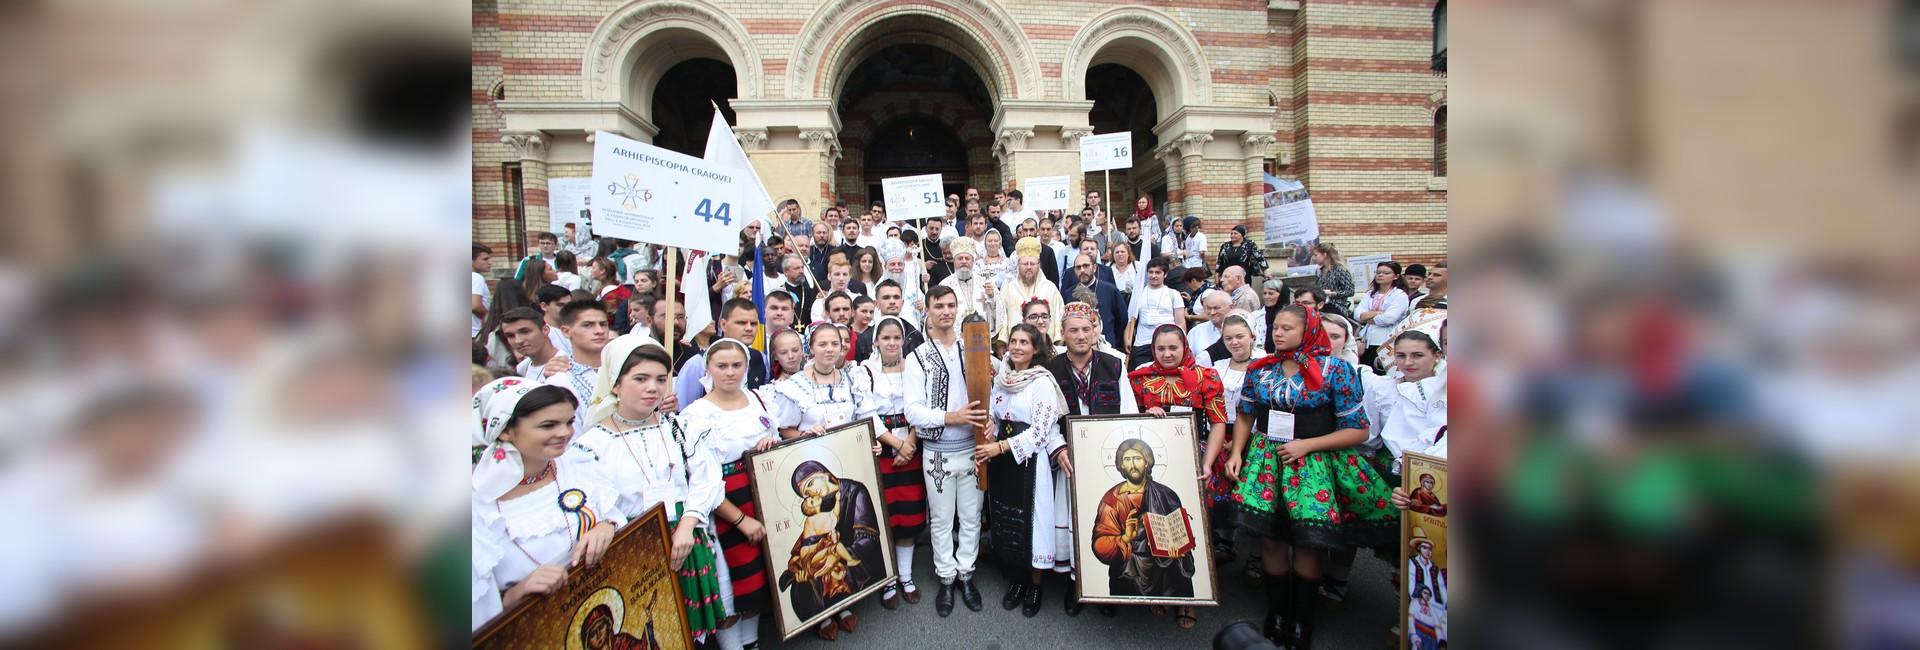 ITO 2018 Întâlnirea Tinerilor Ortodocşi Sibiu cultura românească slider